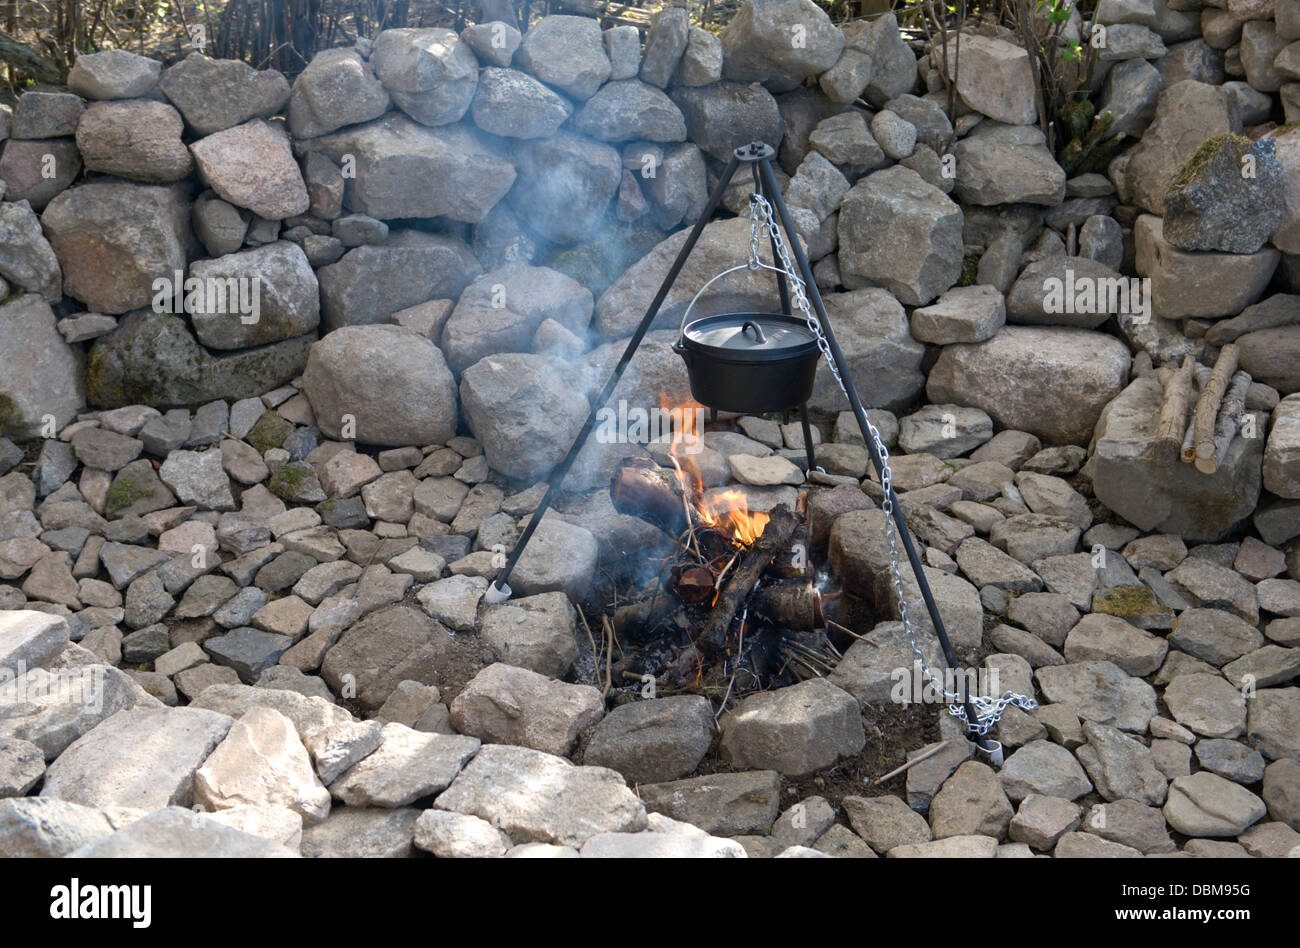 Outdoor Feuerstelle Mit Stativ Und Dutch Oven Kochtopf Stockfotografie Alamy